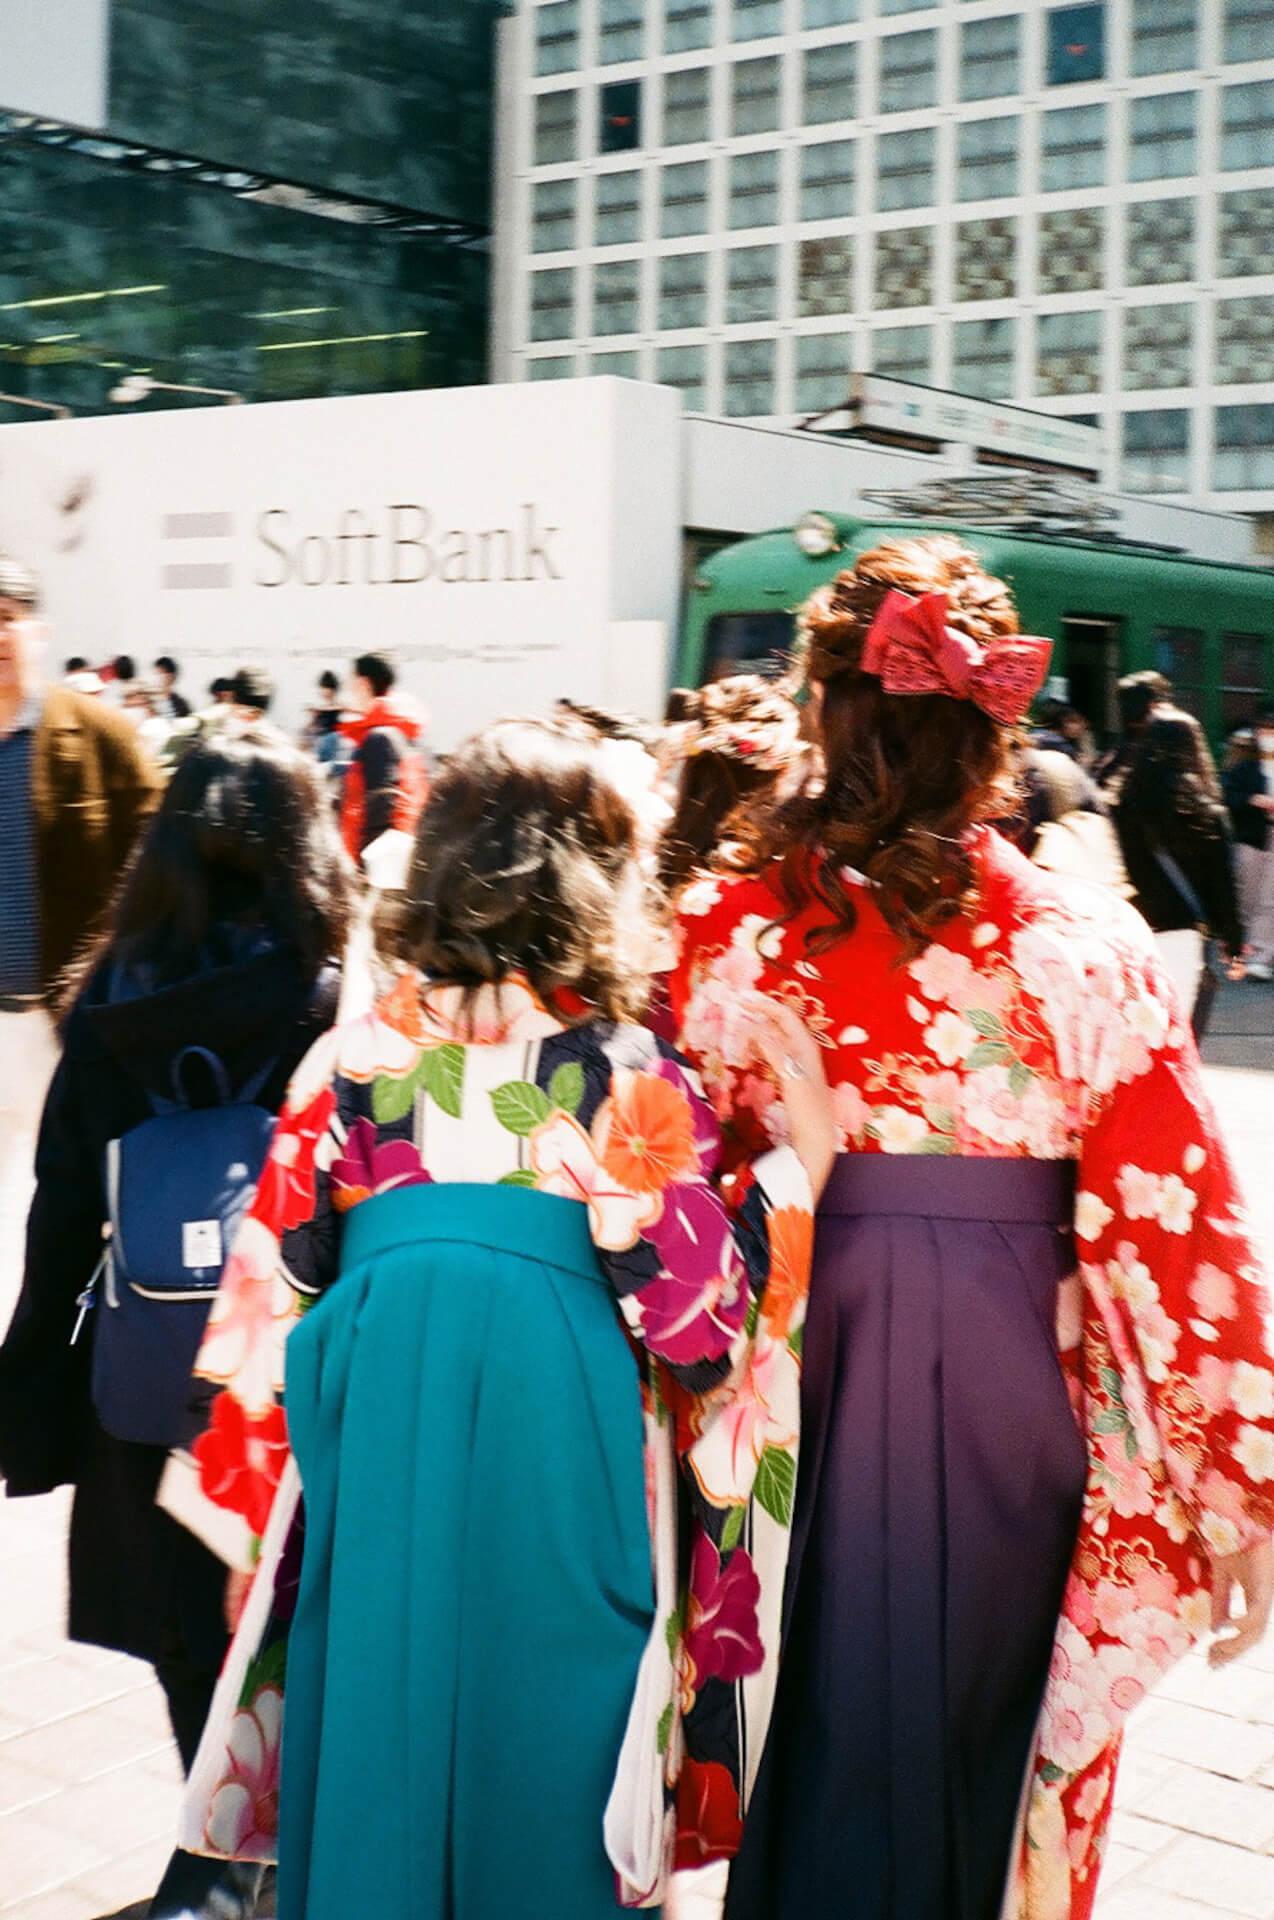 はなむけしゃしん - ぶるじょあ会「渋谷は日本のTOKYO」 art200415_hanamukeshashin5_12